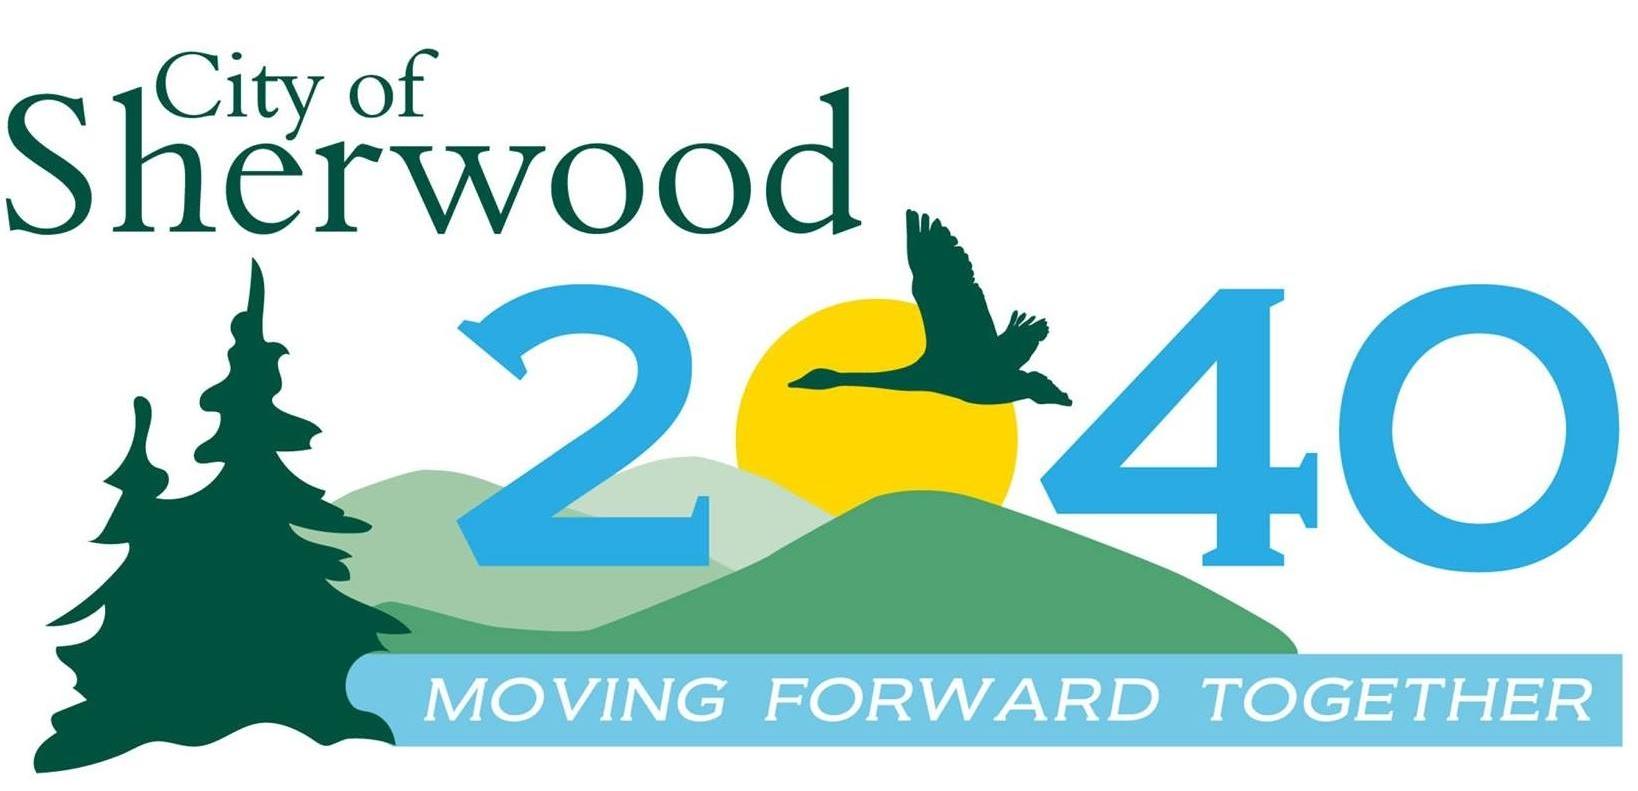 Sherwood2040.jpg